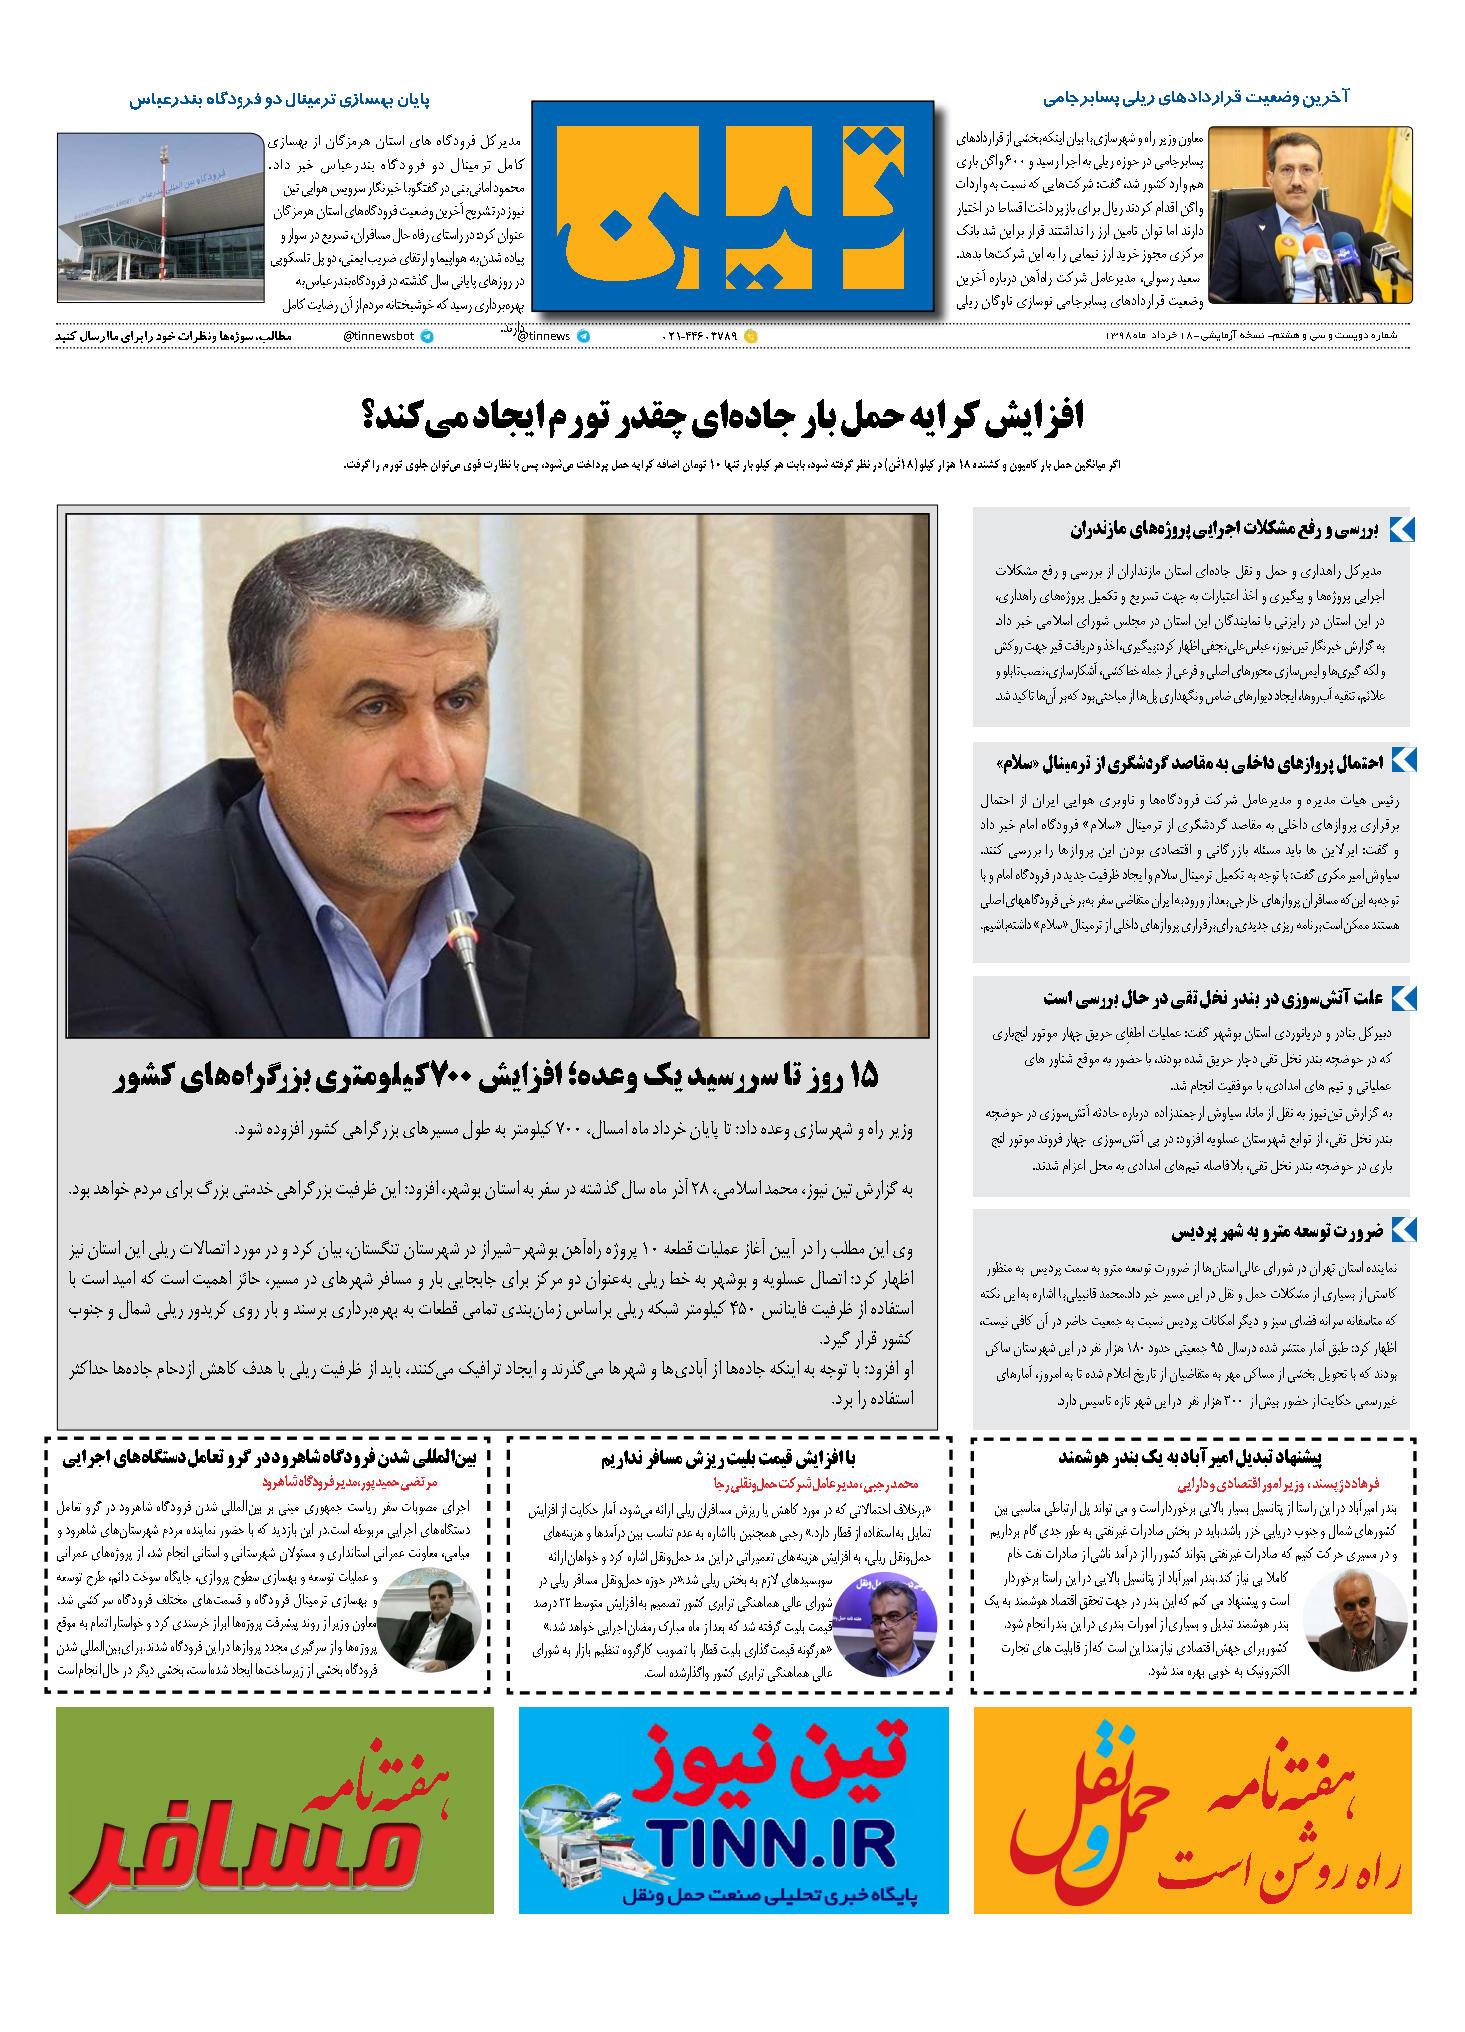 روزنامه الکترونیک 18 خرداد ماه 98